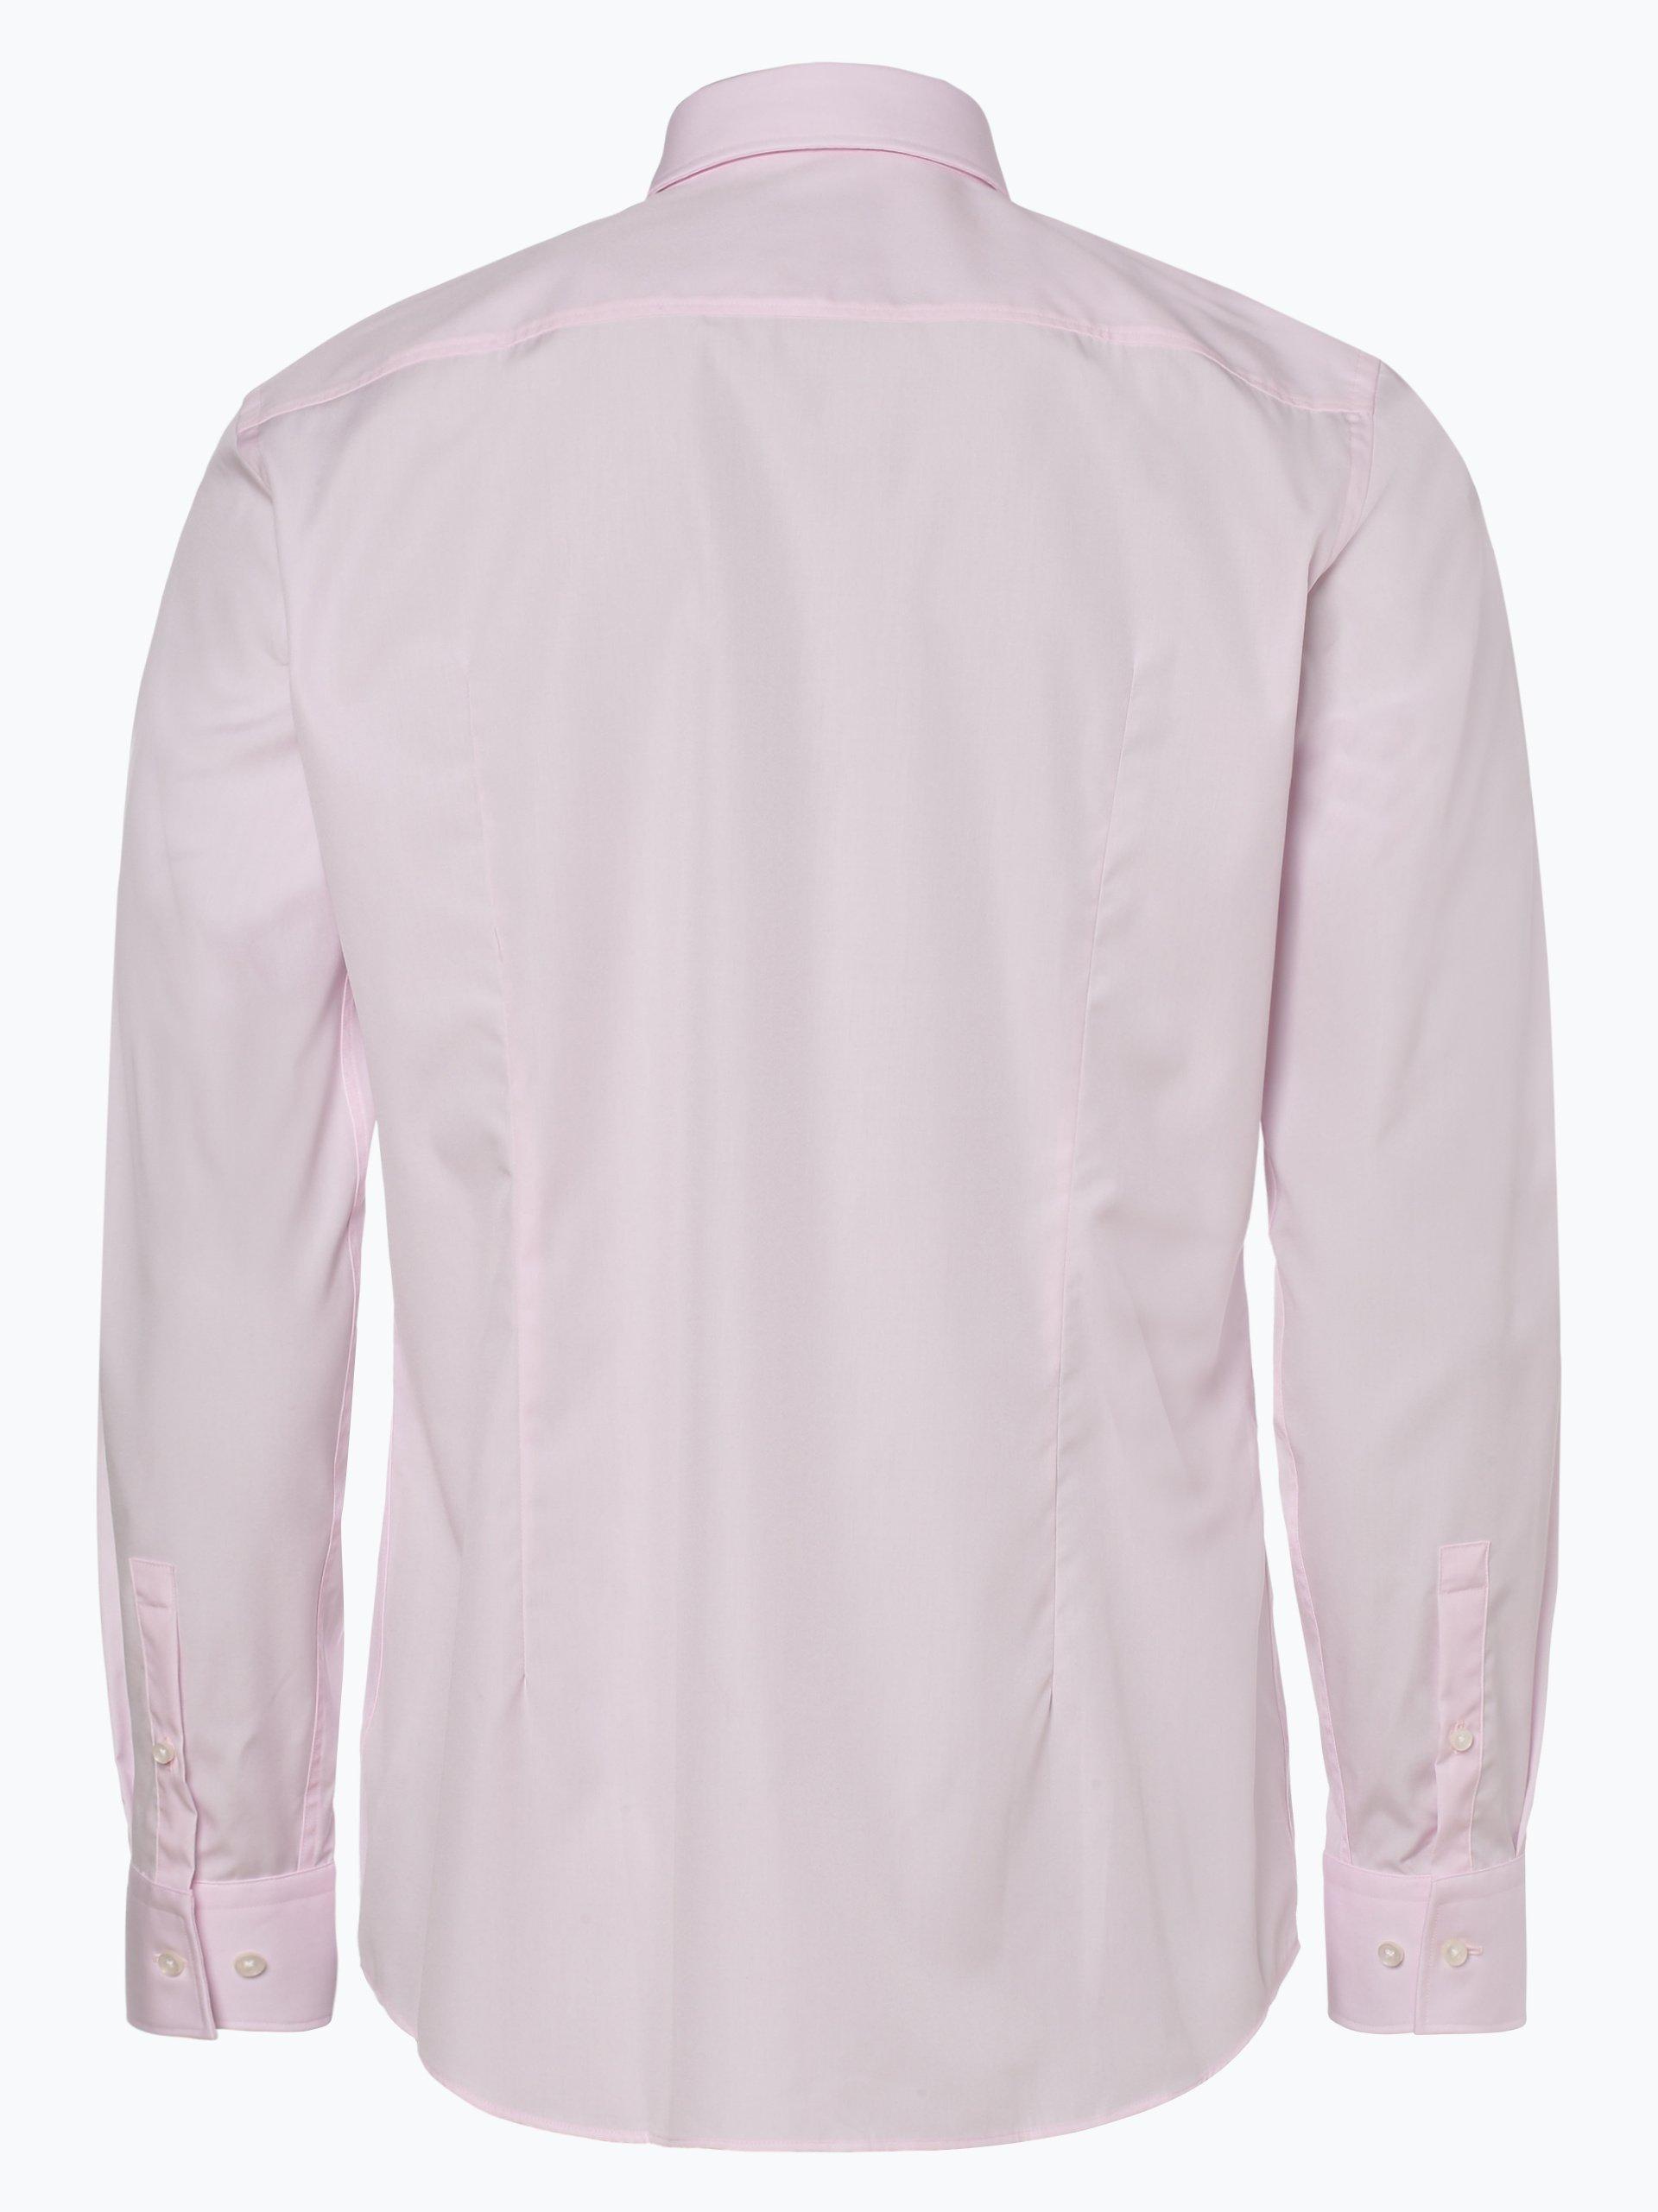 BOSS Herren Hemd - Bügelleicht - Jenno